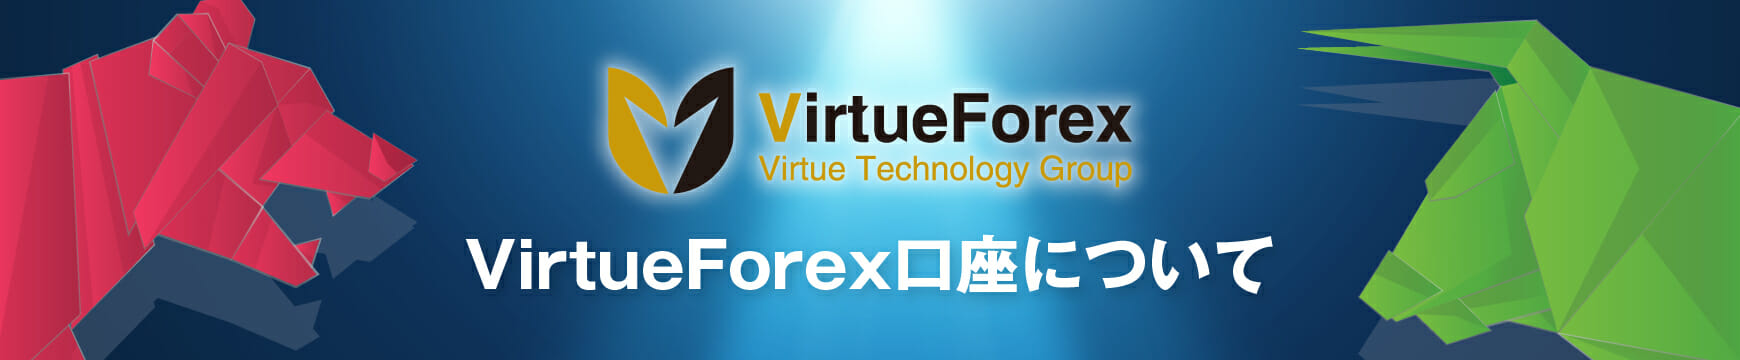 VirtueForex(ヴァーチュフォレックス)の口座開設はありかなしか?日本語で徹底解説!